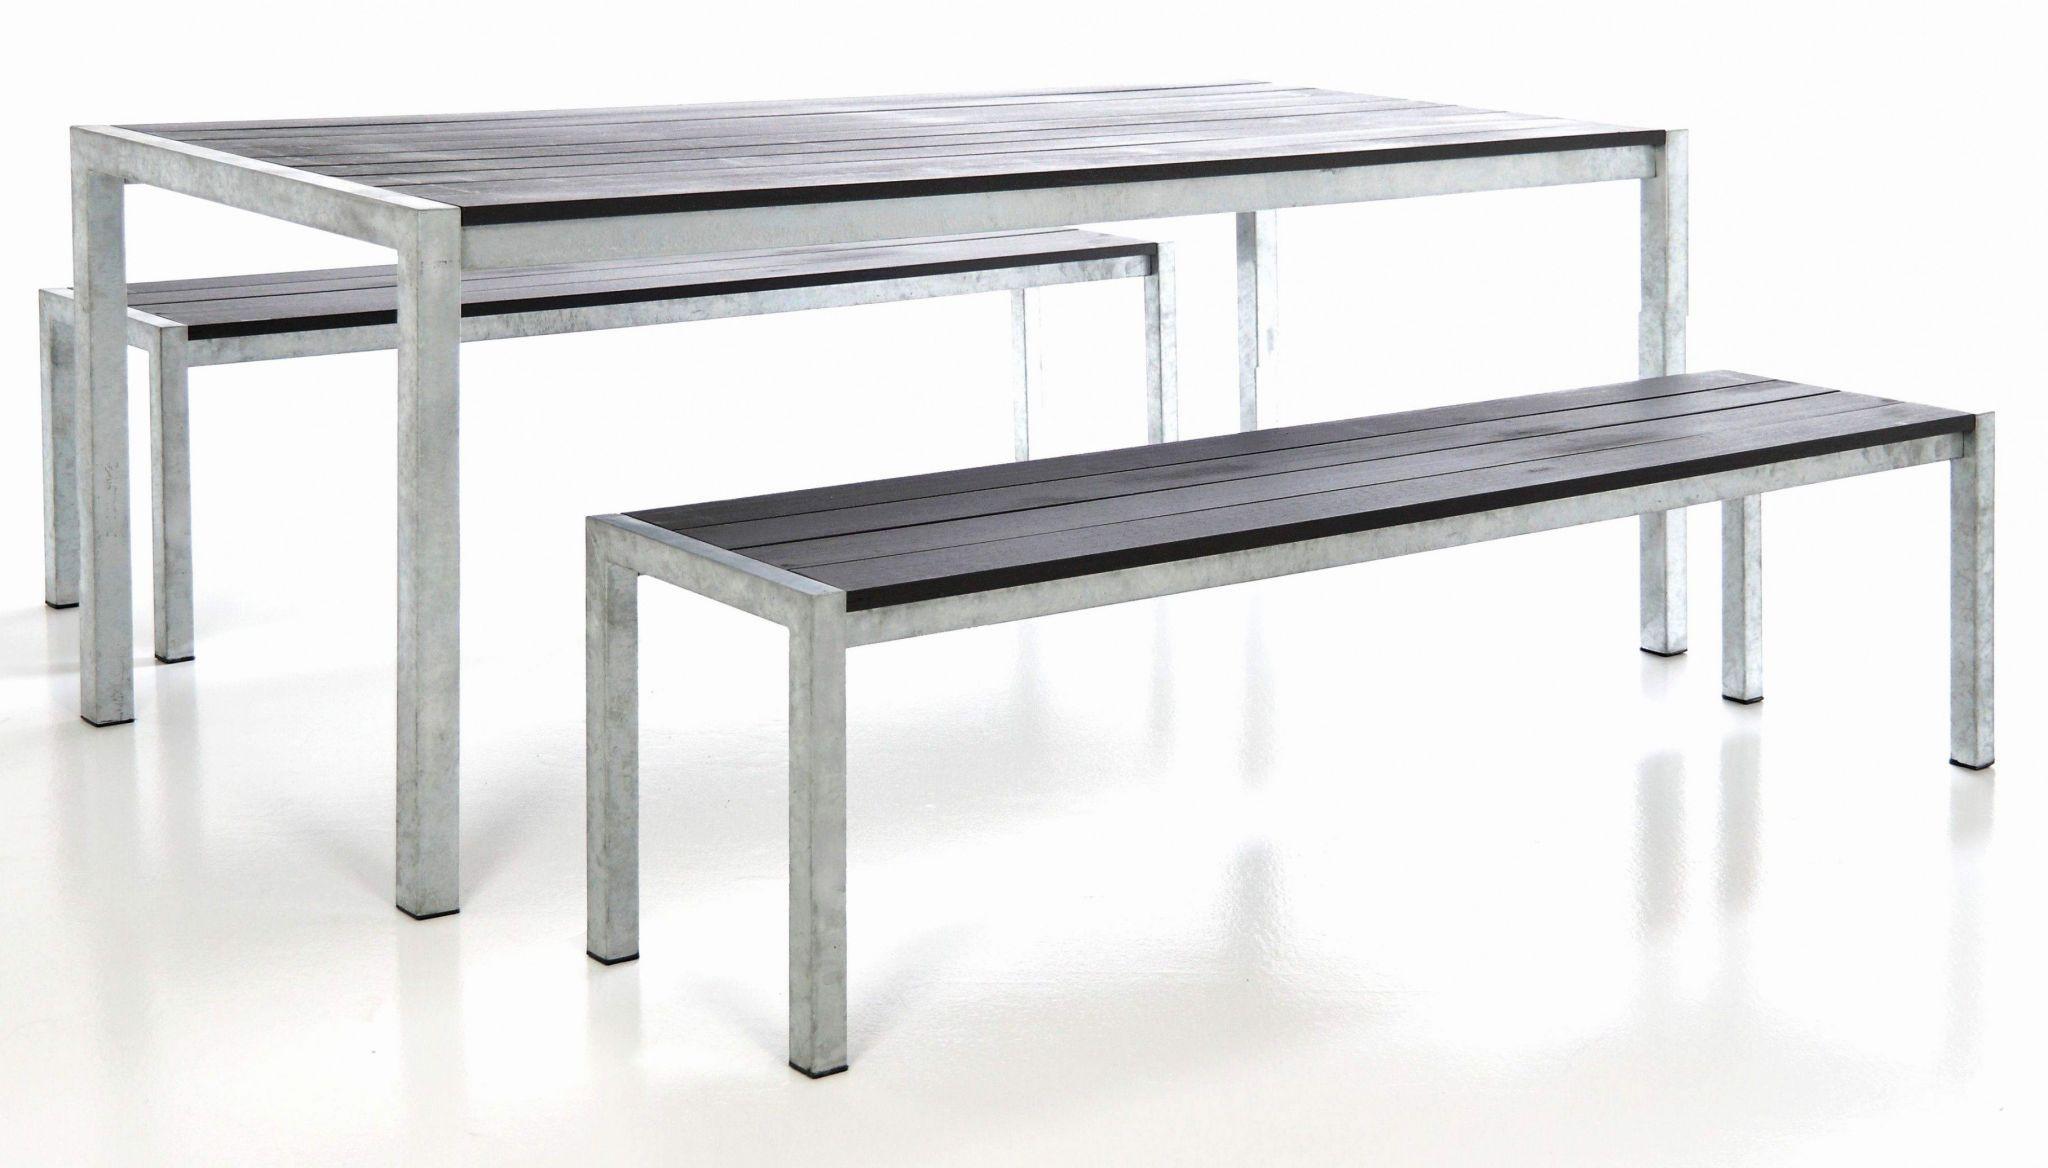 meuble d occasion meuble de jardin occasion ou table bois brut elegant table bois 0d of meuble d occasion